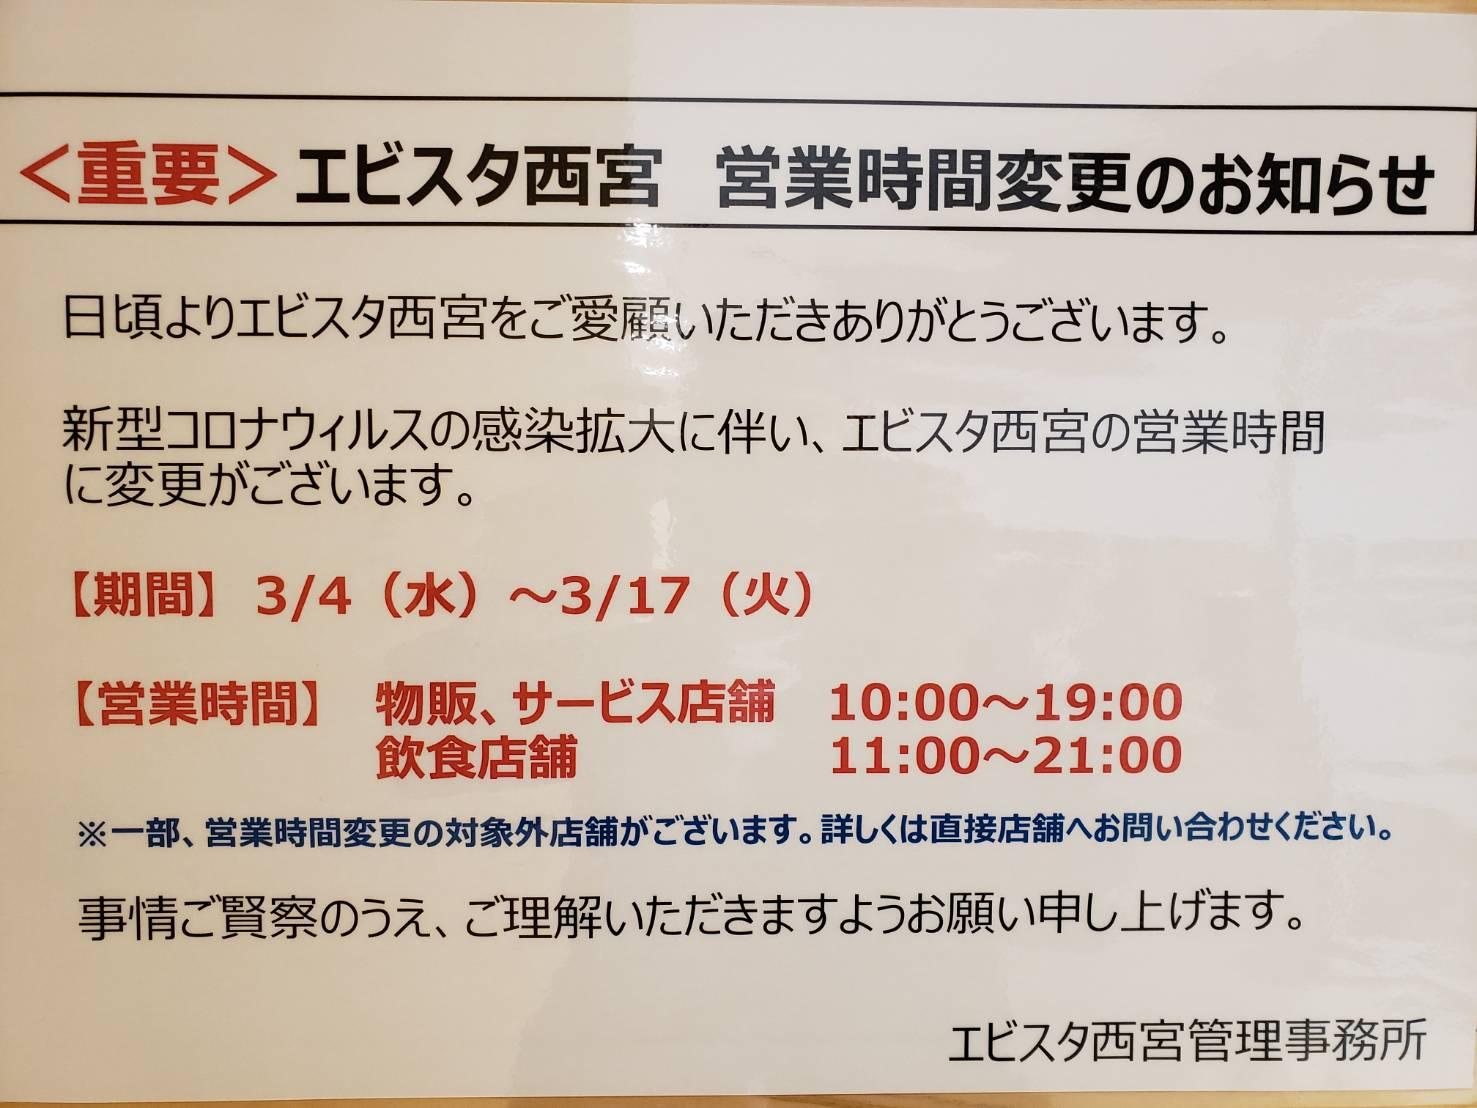 【にしのみや時計宝石修理研究所 営業時間変更のお知らせ】